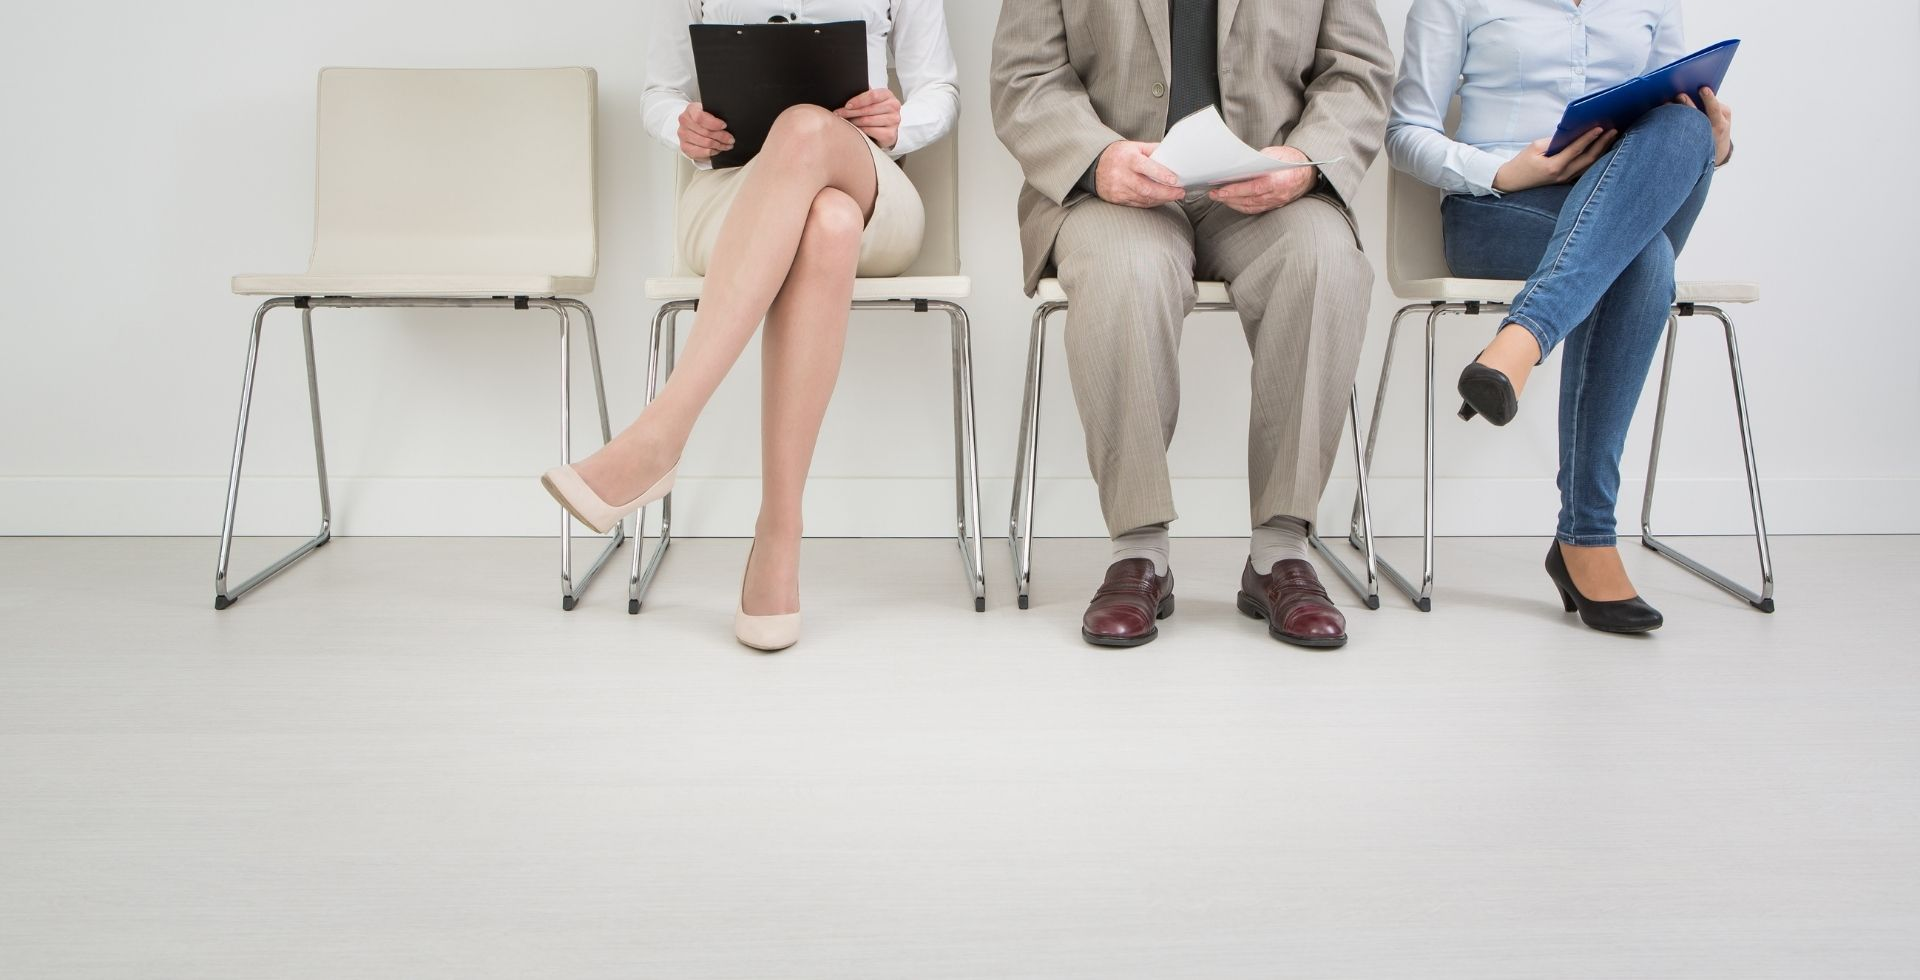 Yeni mezun CV yazarken nelere dikkat edilmeli?